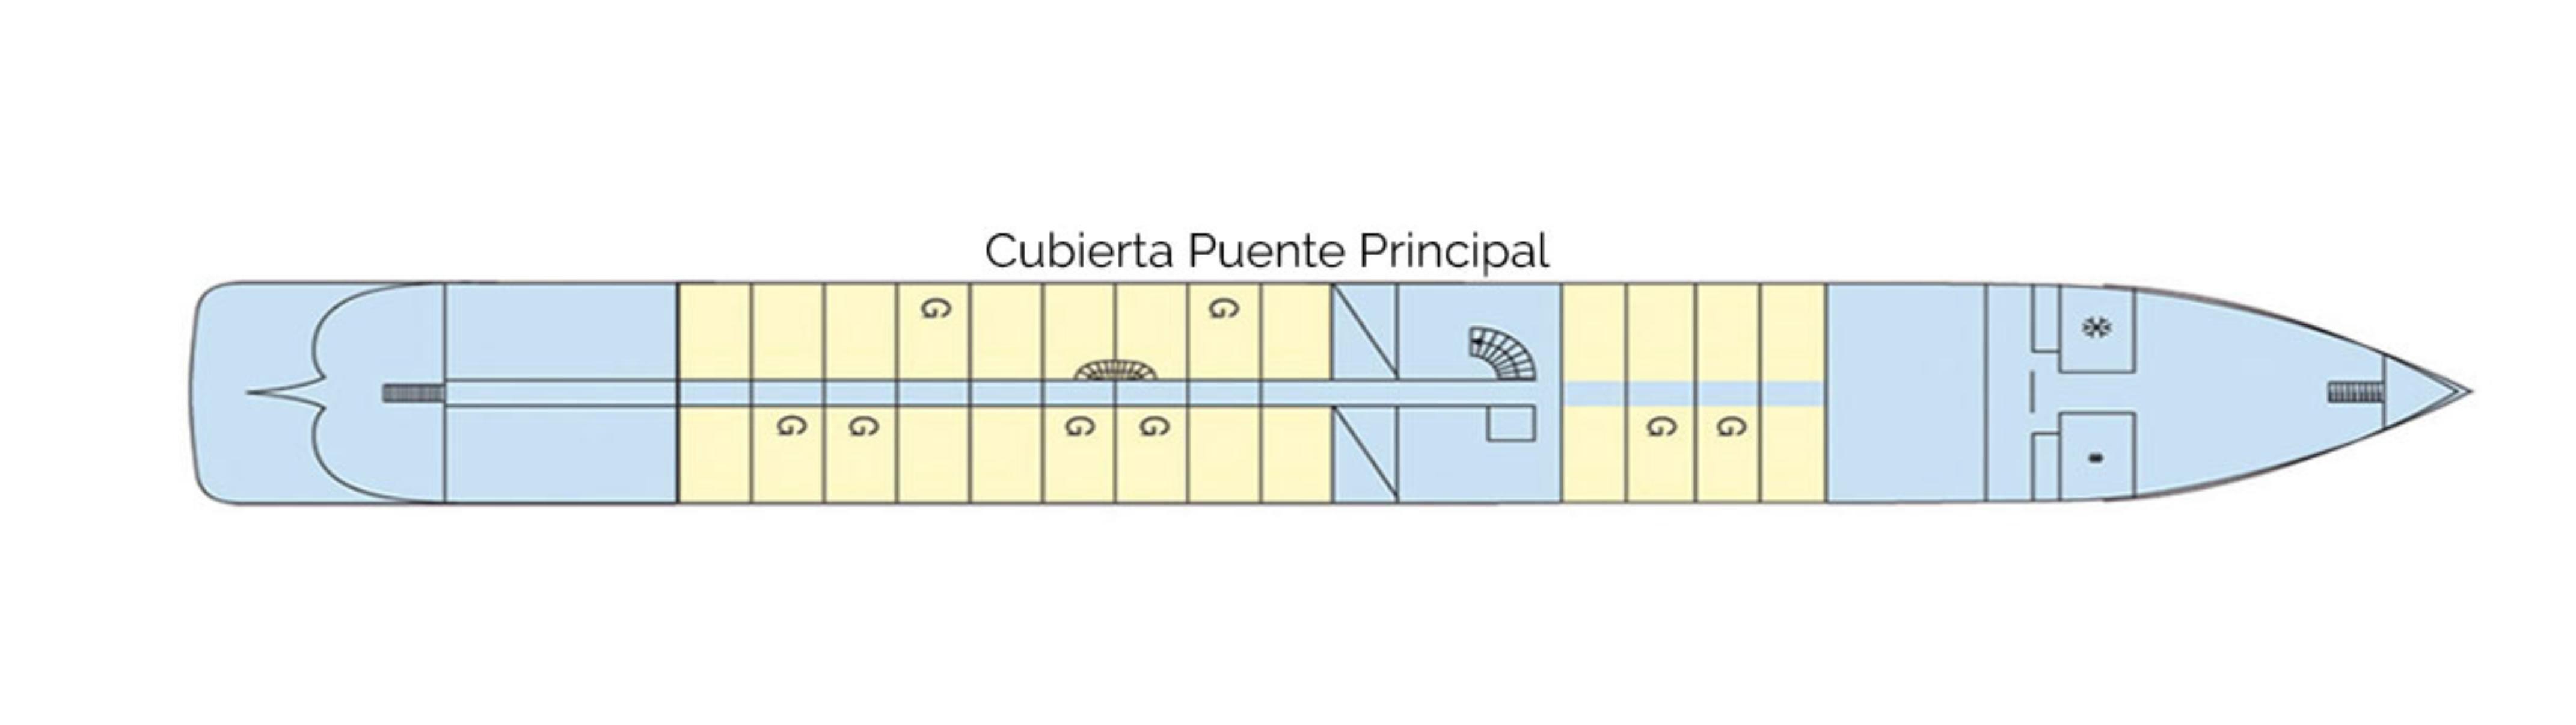 Cubierta Puente Principal